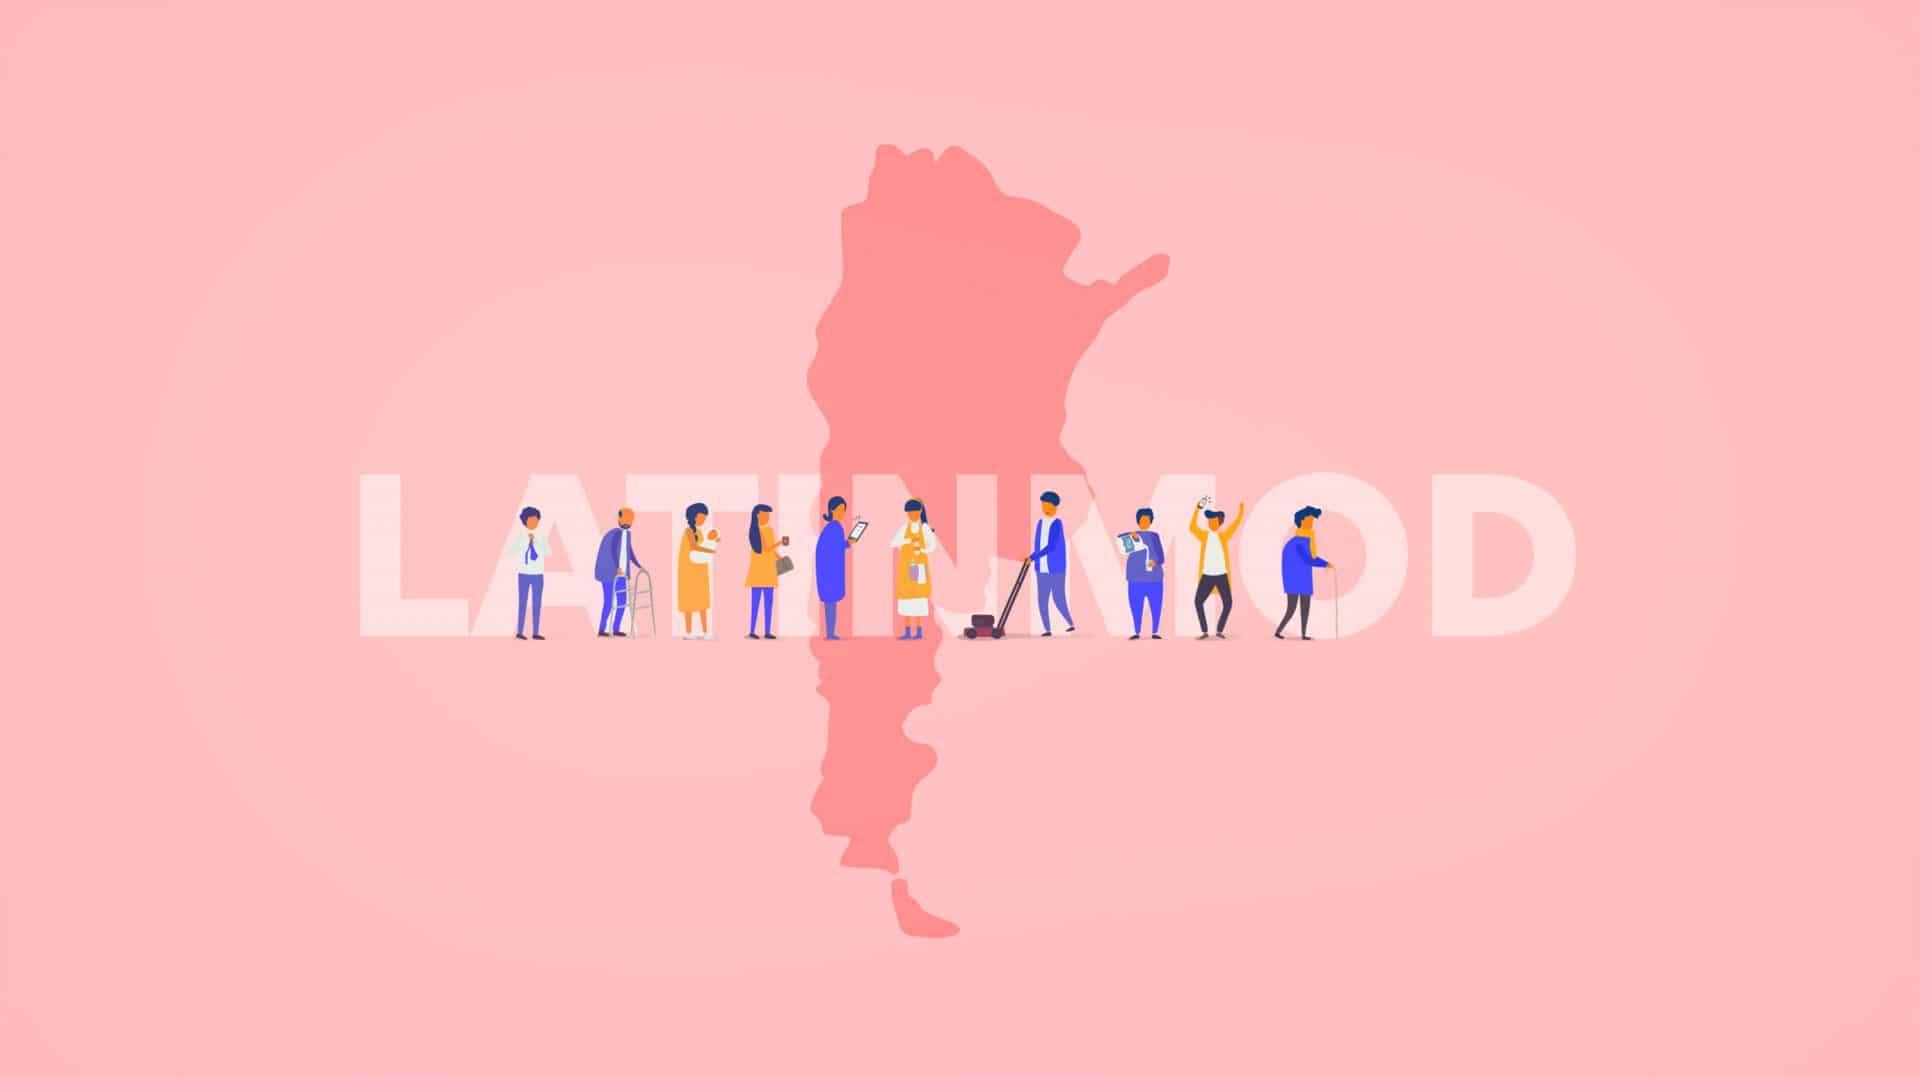 Impuesto a la renta en Argentina en base a LatinMod